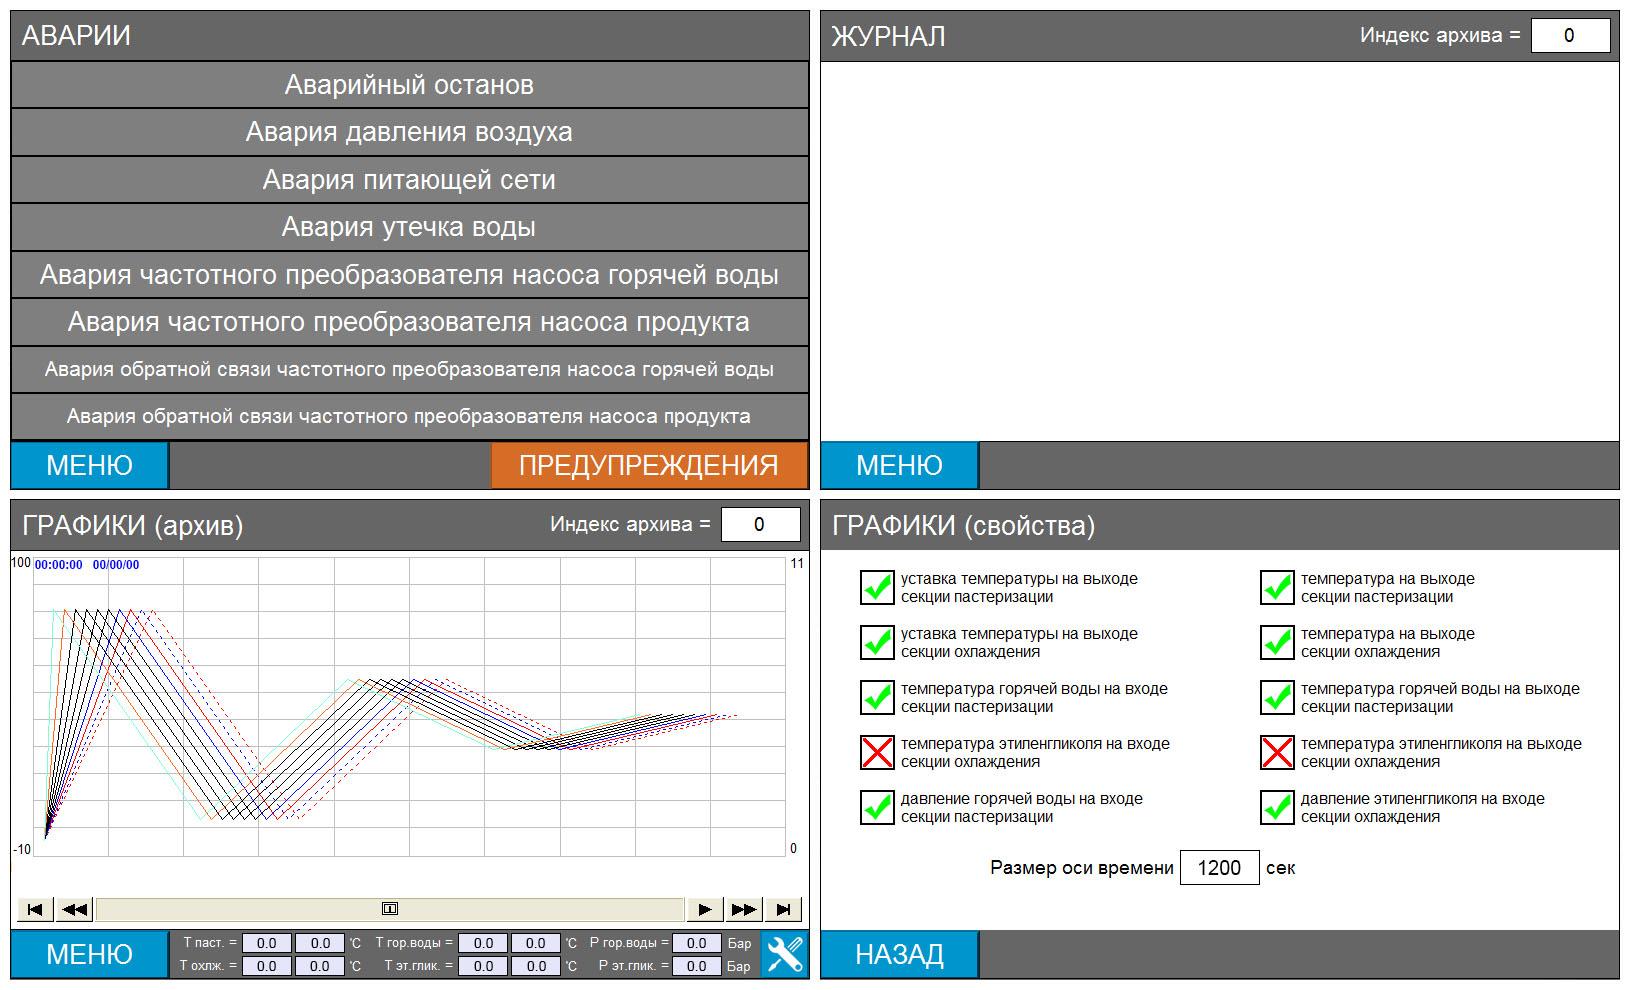 Пульт управления МПОУ-6 - экраны панели оператора 2